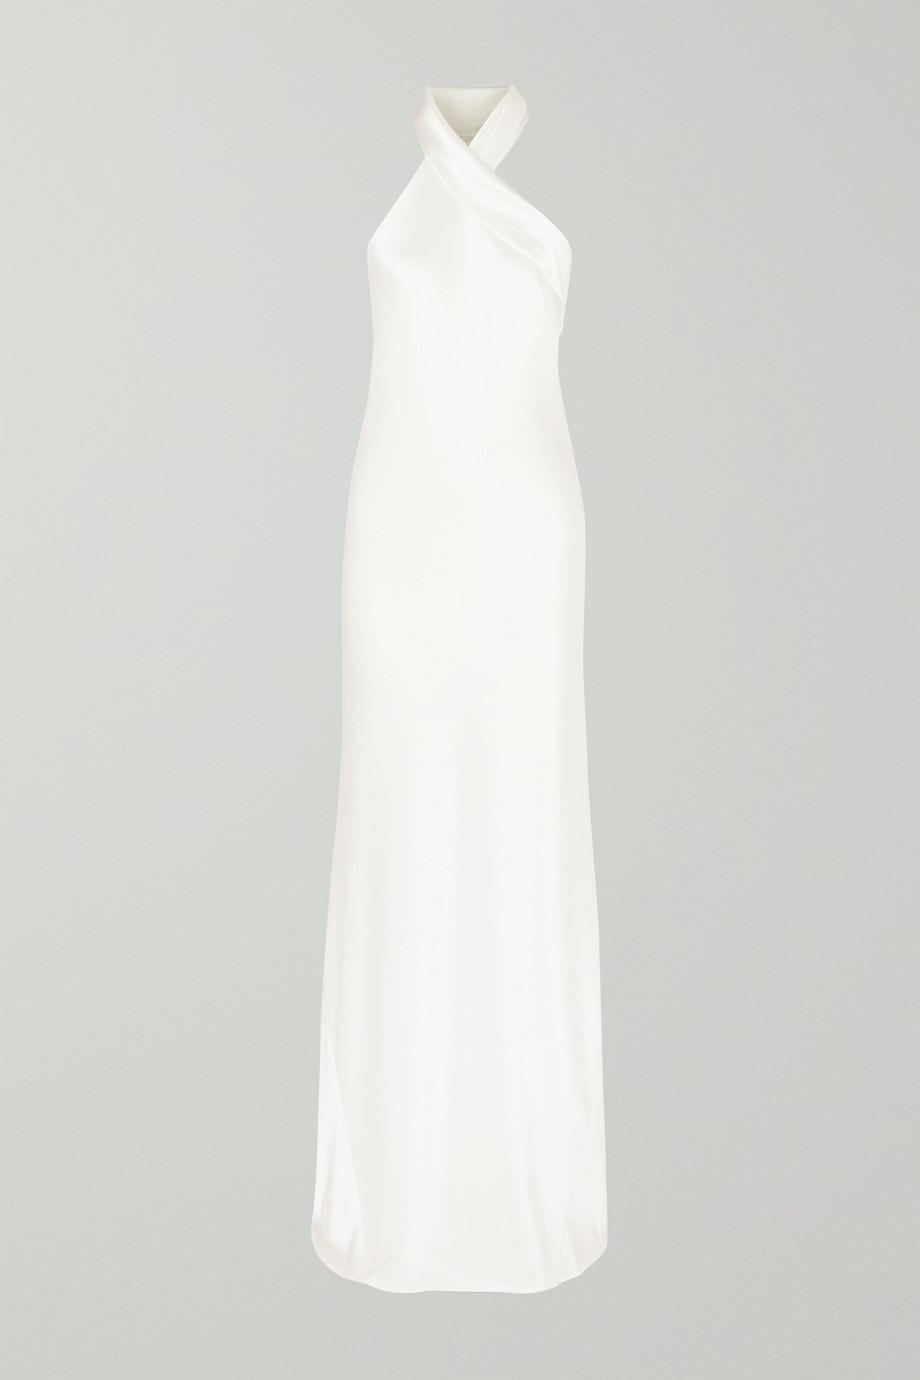 Galvan Mayfair asymmetrische Robe aus gehämmertem Satin mit Neckholder